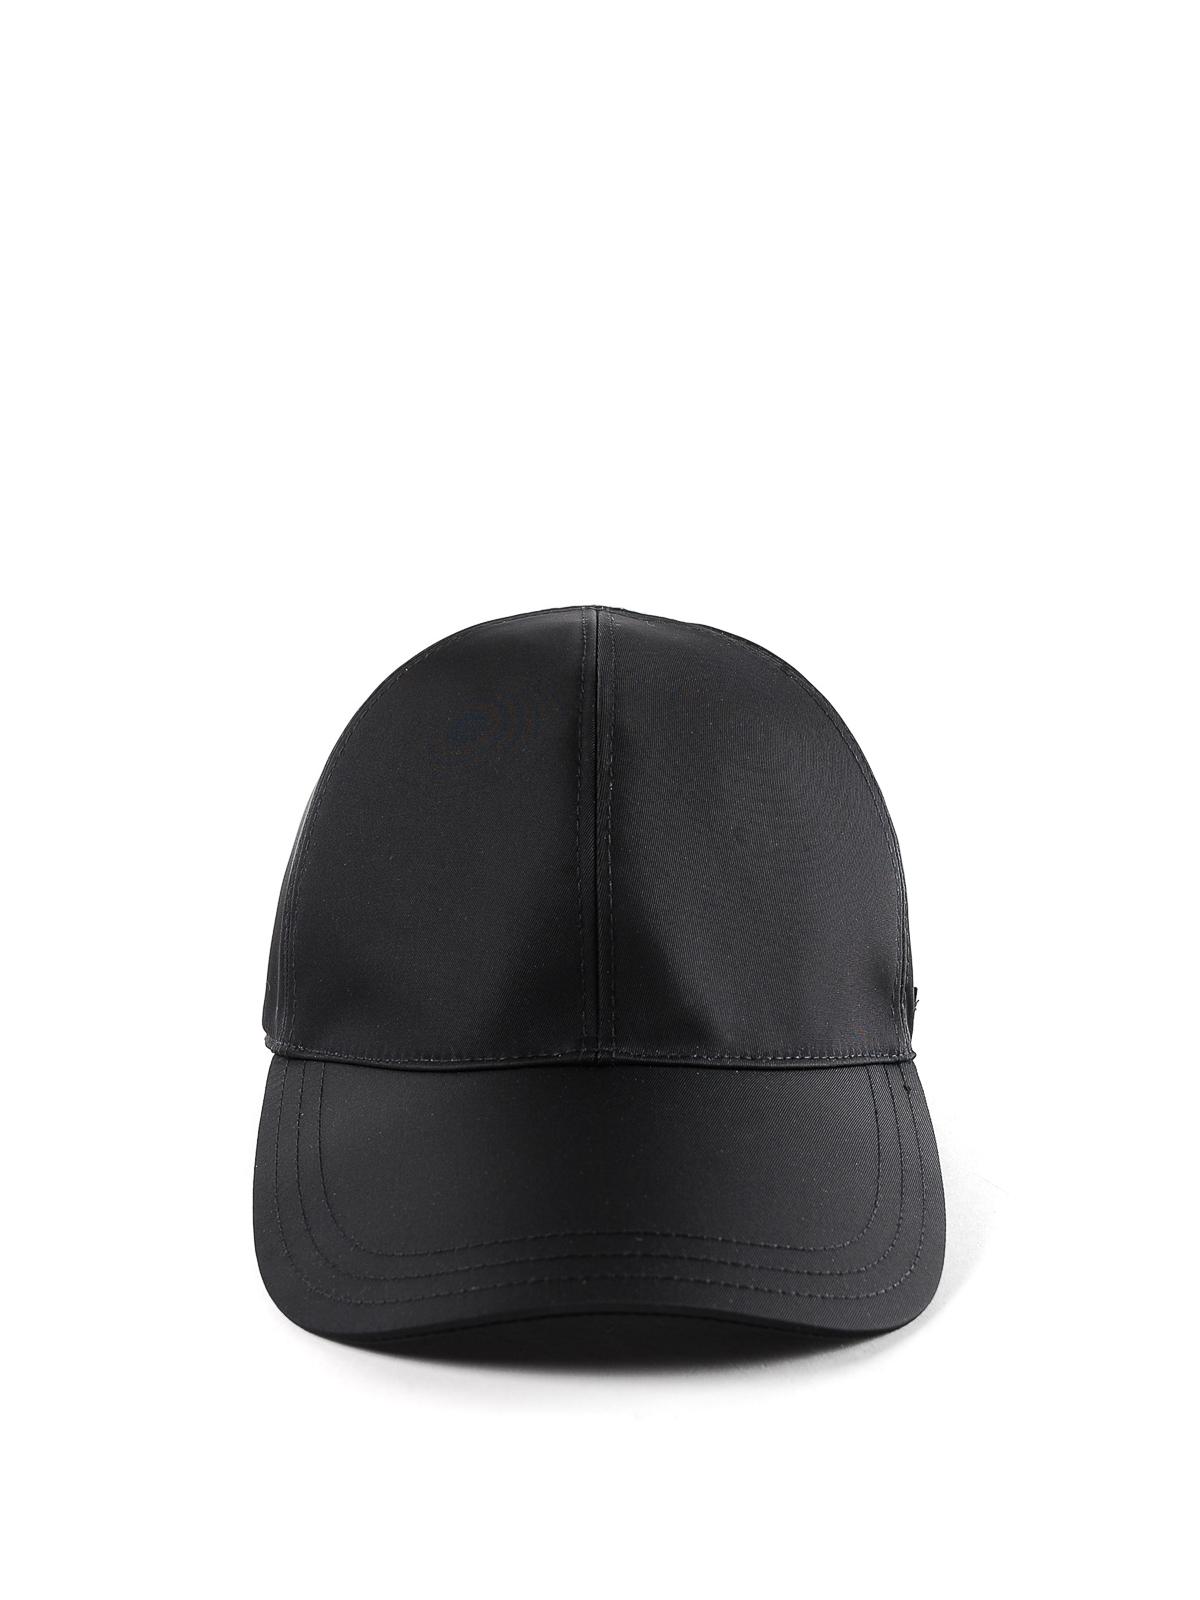 Prada - Chapeau - Noir - Chapeaux - 2HC274 820 002   iKRIX.com 414e722747a